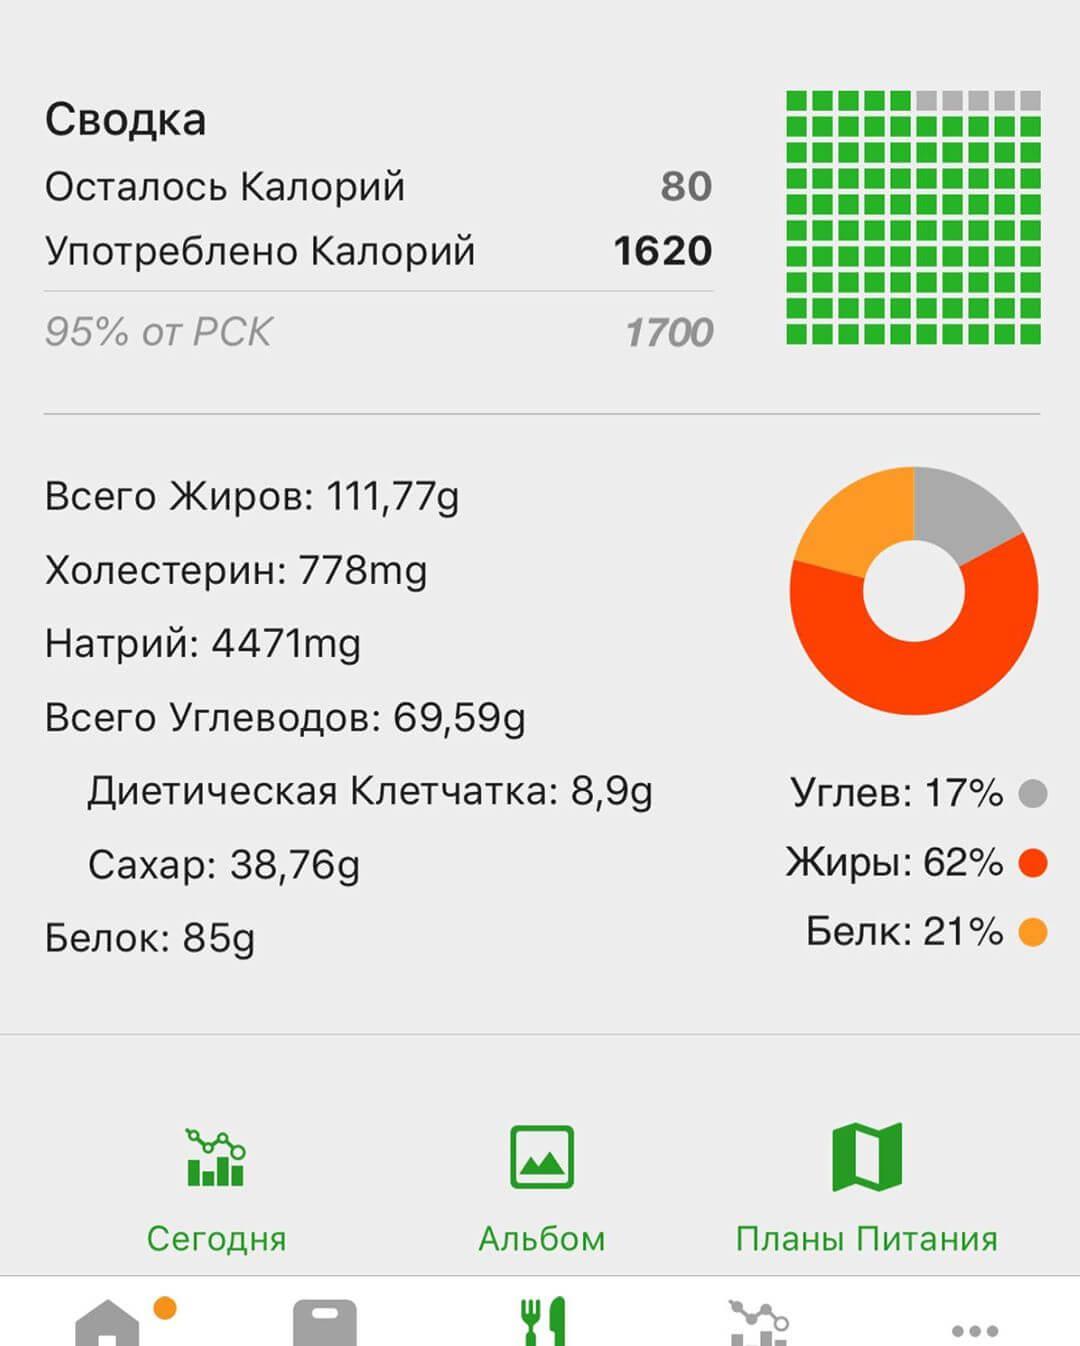 Расчет Необходимого Количества Калорий Для Похудения. Калькулятор калорий для похудения